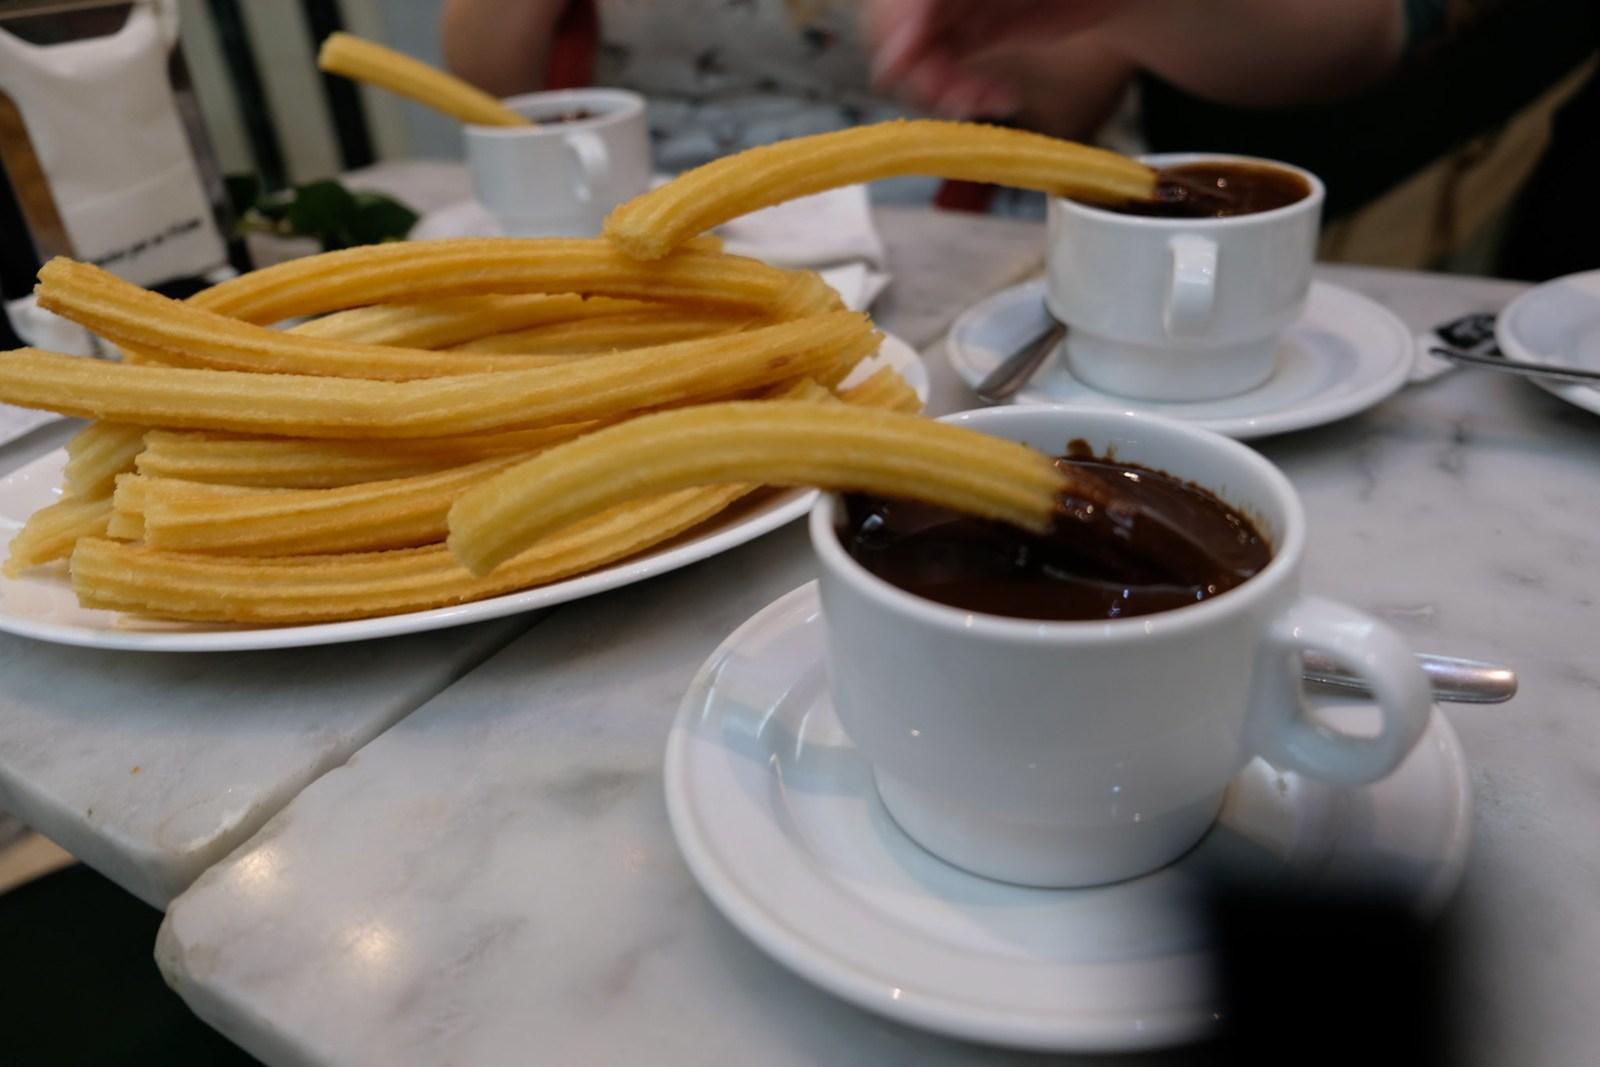 Churros at Chocolateria San Gines